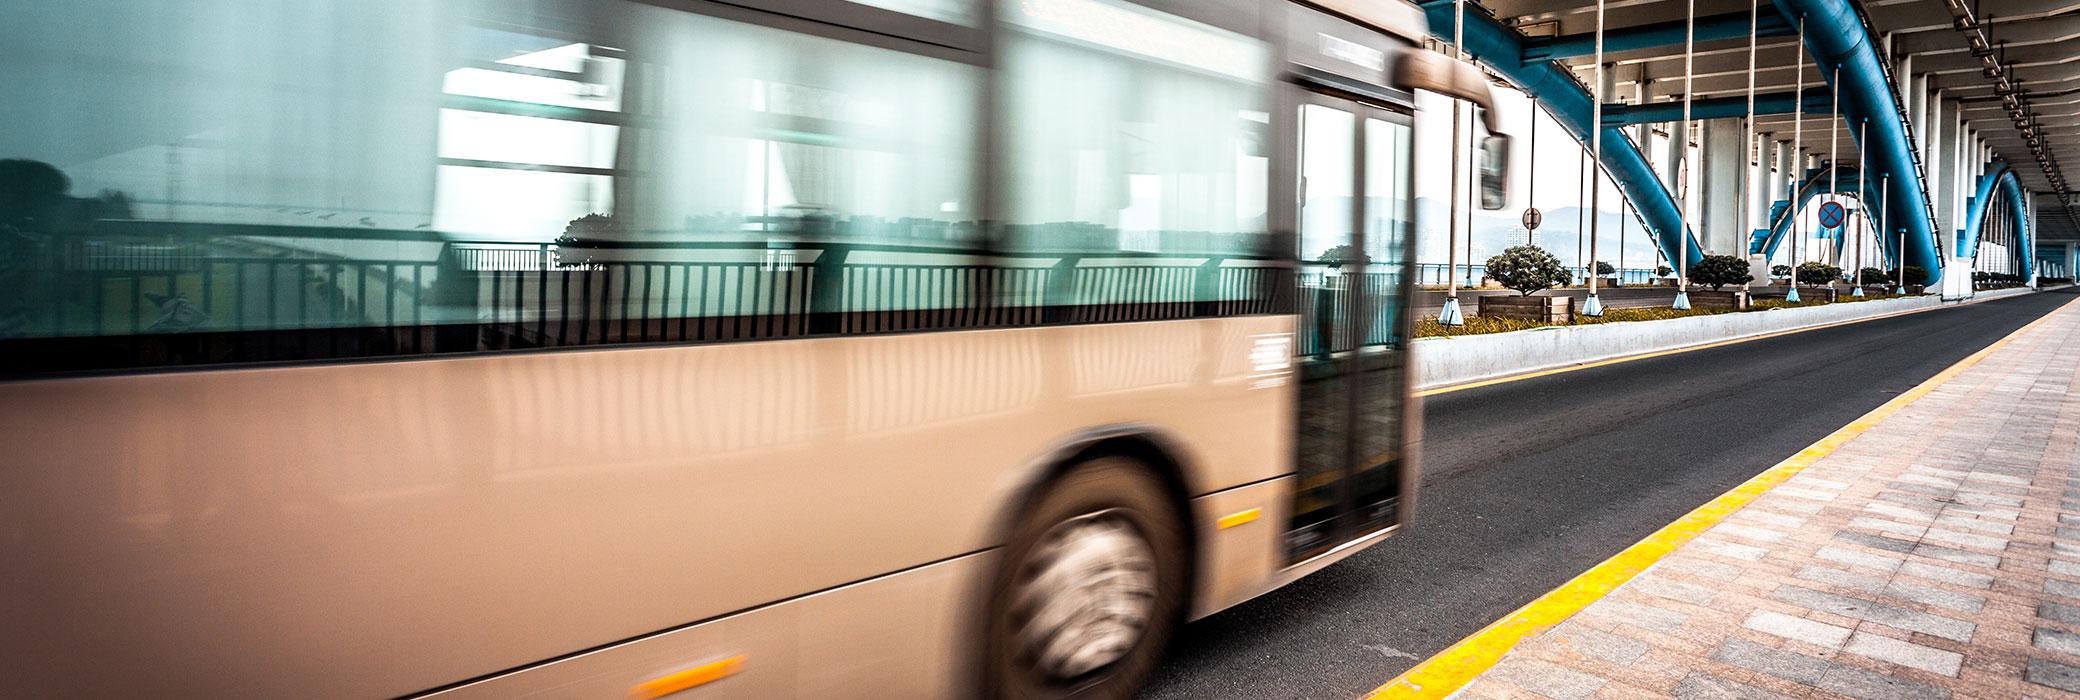 Autobús blanco cruzando un puente con arcos metálicos de color azul y blanco